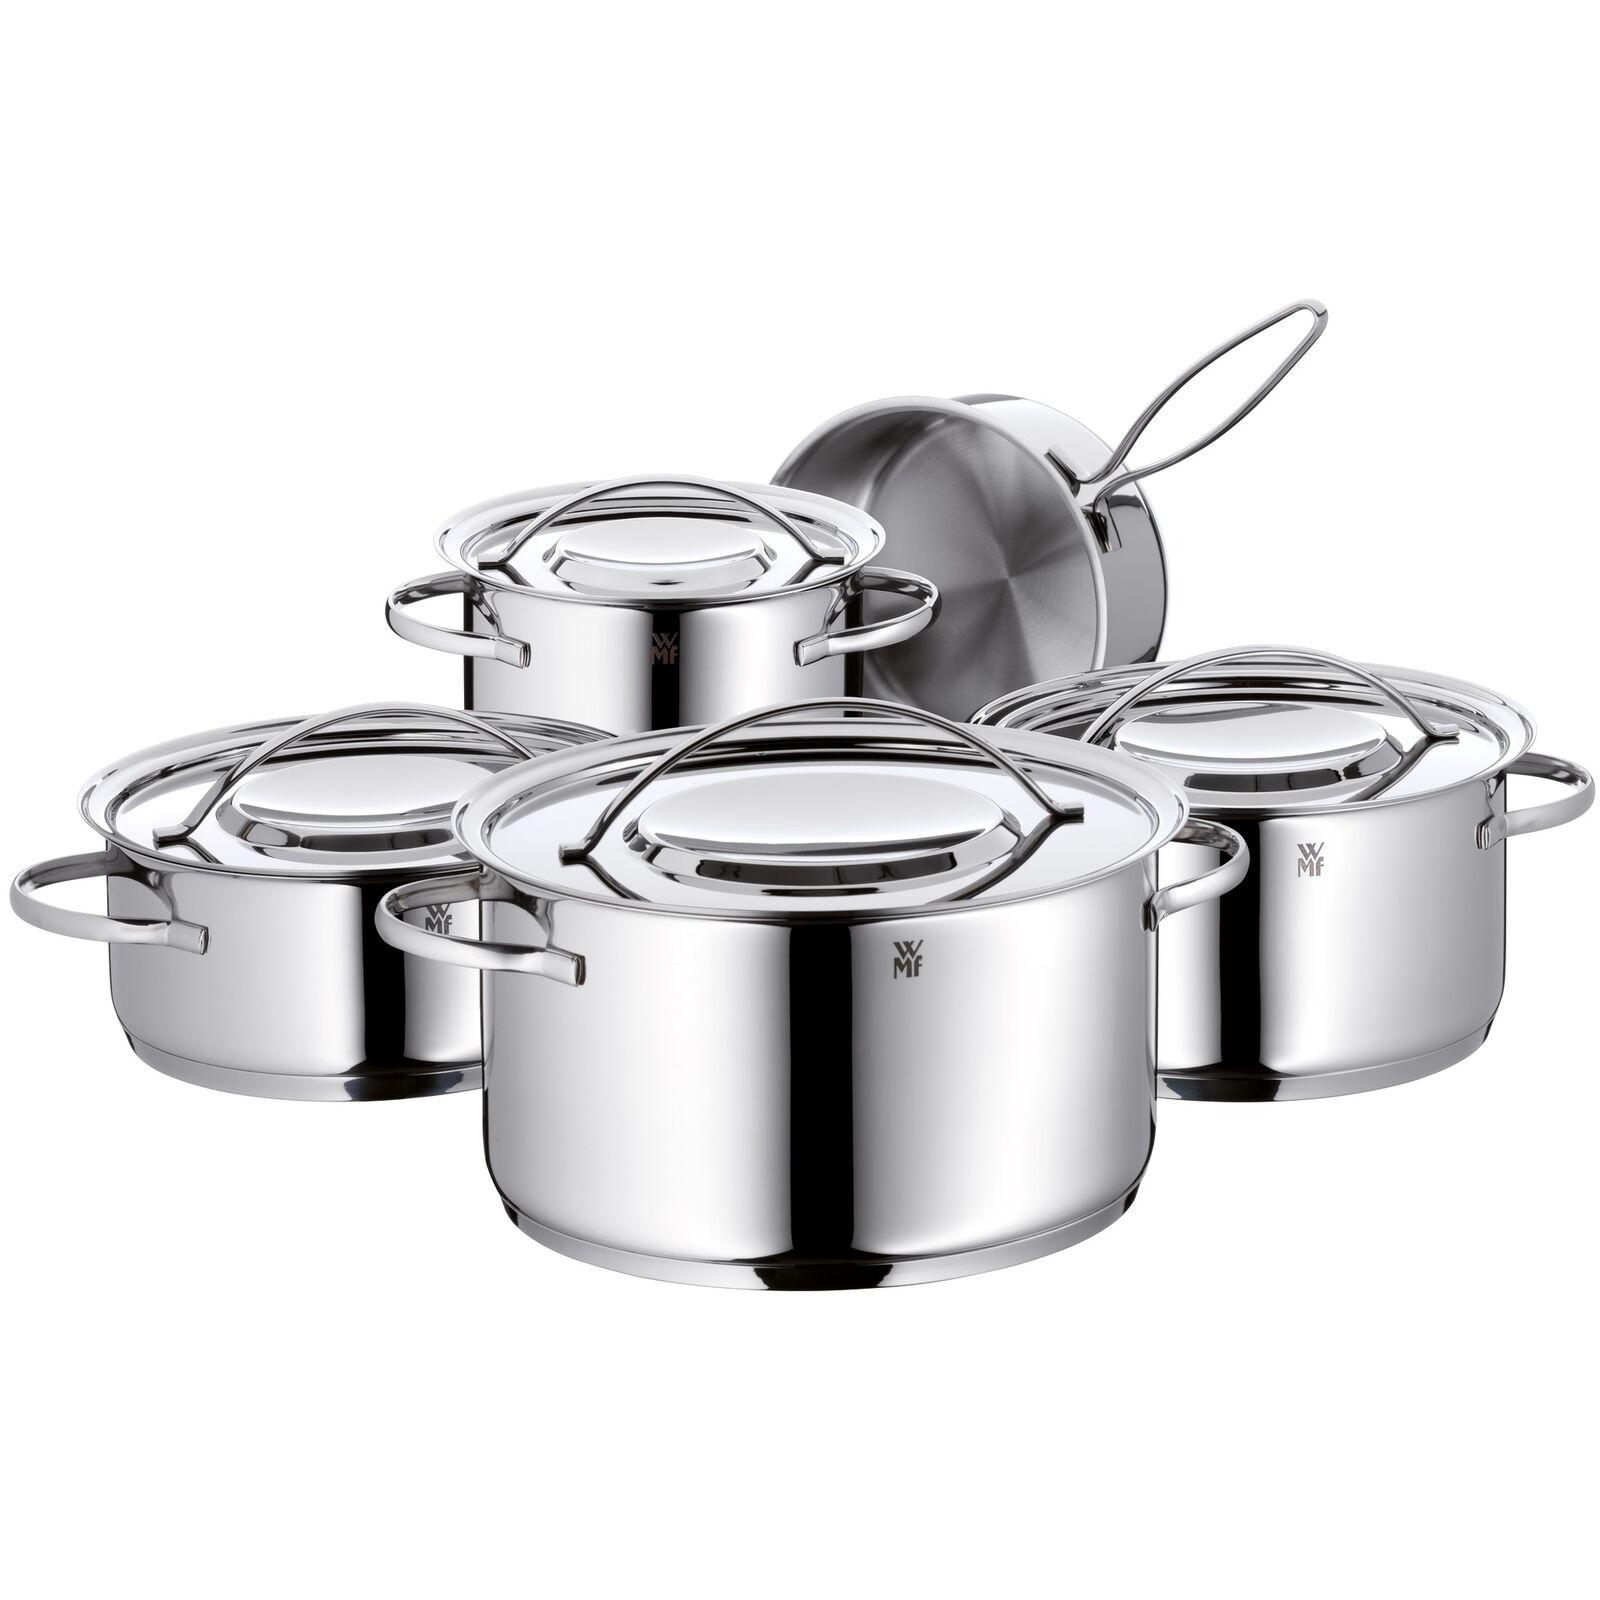 WMF olla-set gala plus 5 piezas de acero inoxidable inoxidable NUEVO